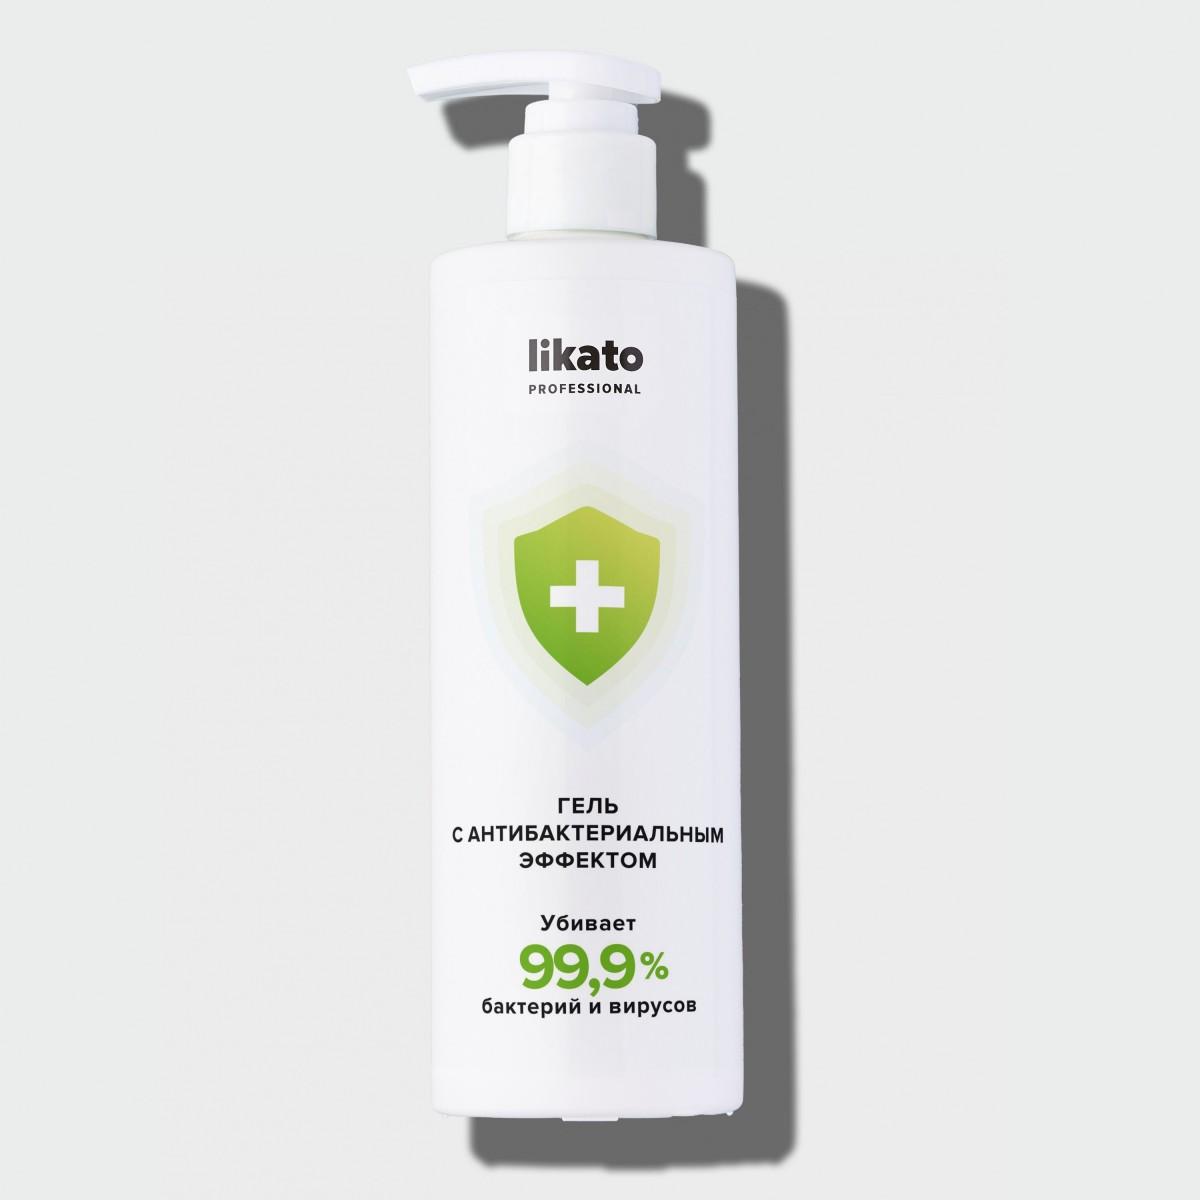 Купить Likato гель с антибактериальным эффектом 400 мл